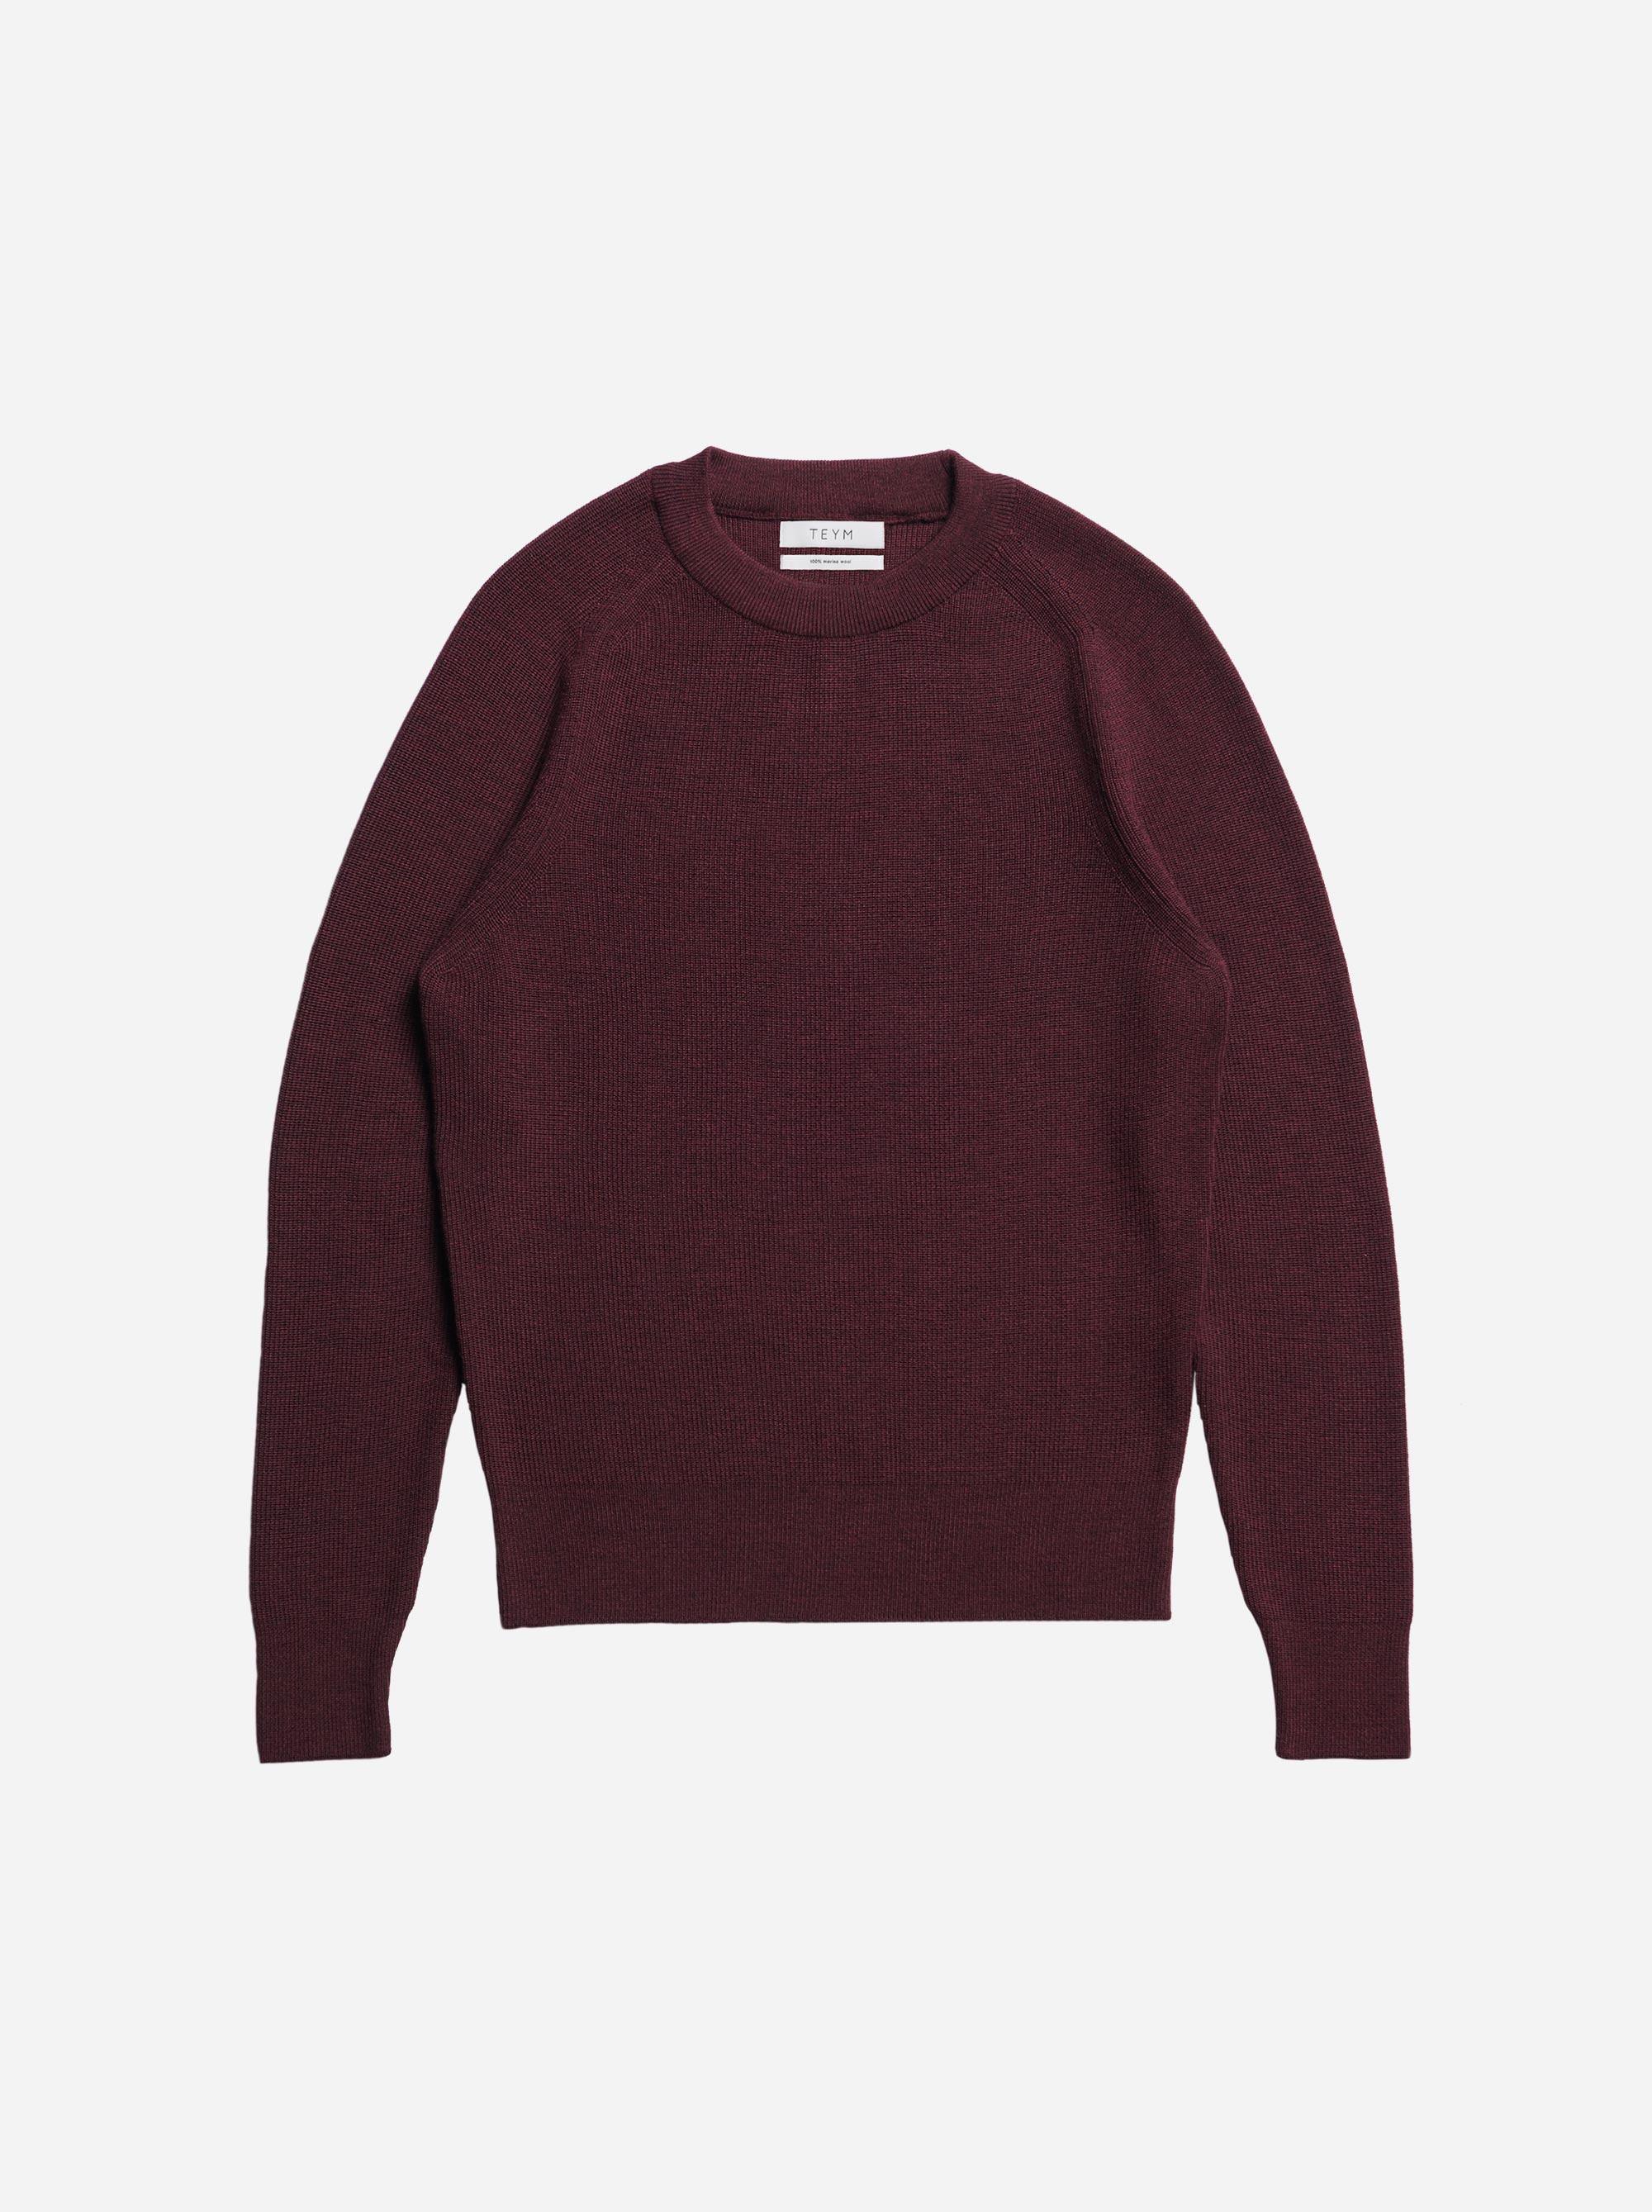 Teym - The Merino Sweater - Men - Burgundy - 4